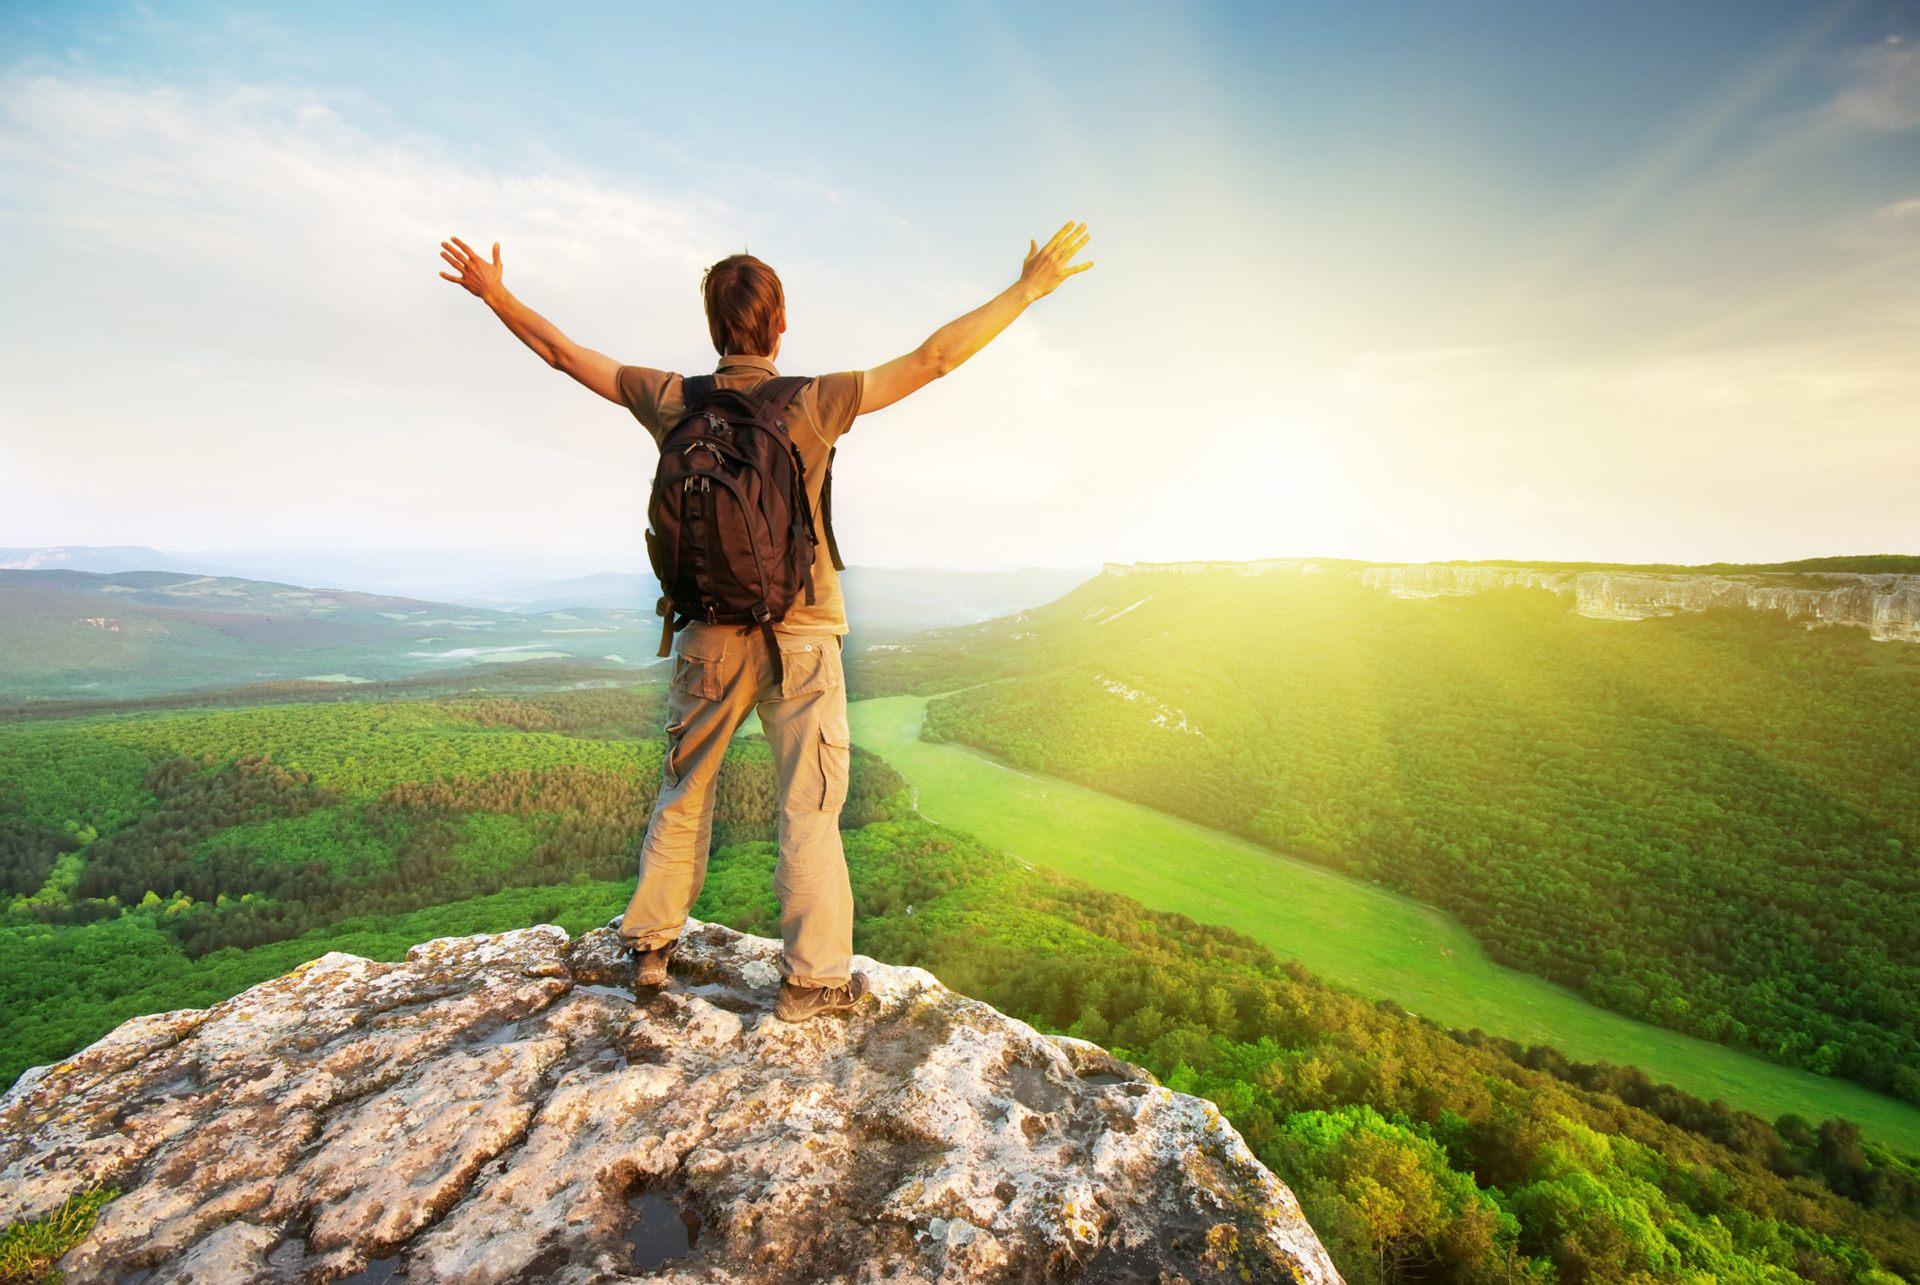 سبک زندگی سالم داشته باشید تا عمر طولانی تری داشته باشید